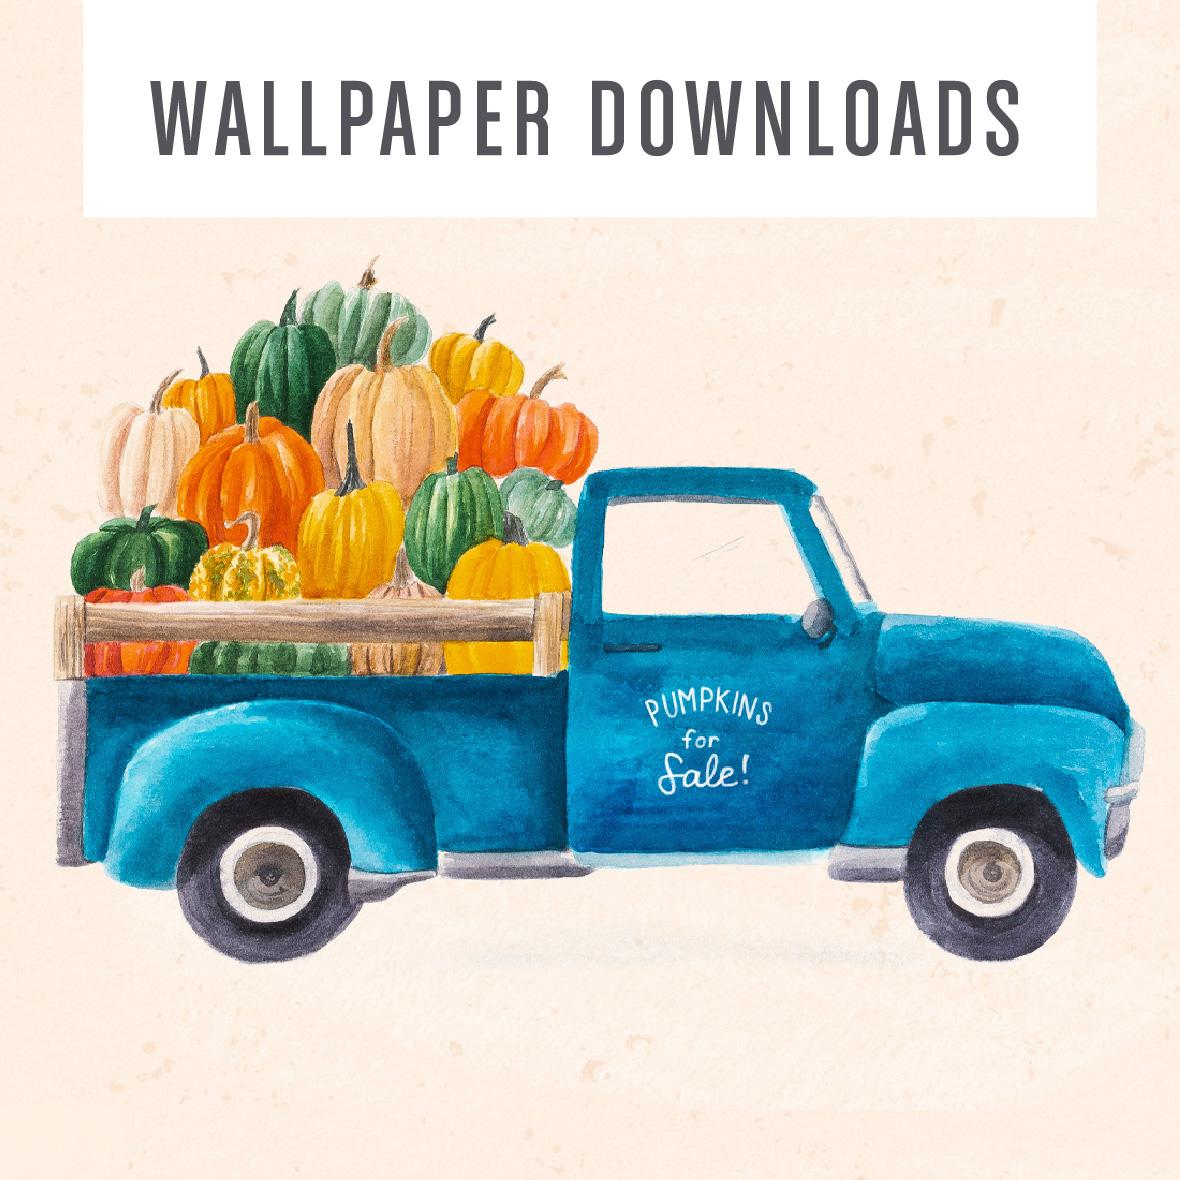 Wallpaper Downloads